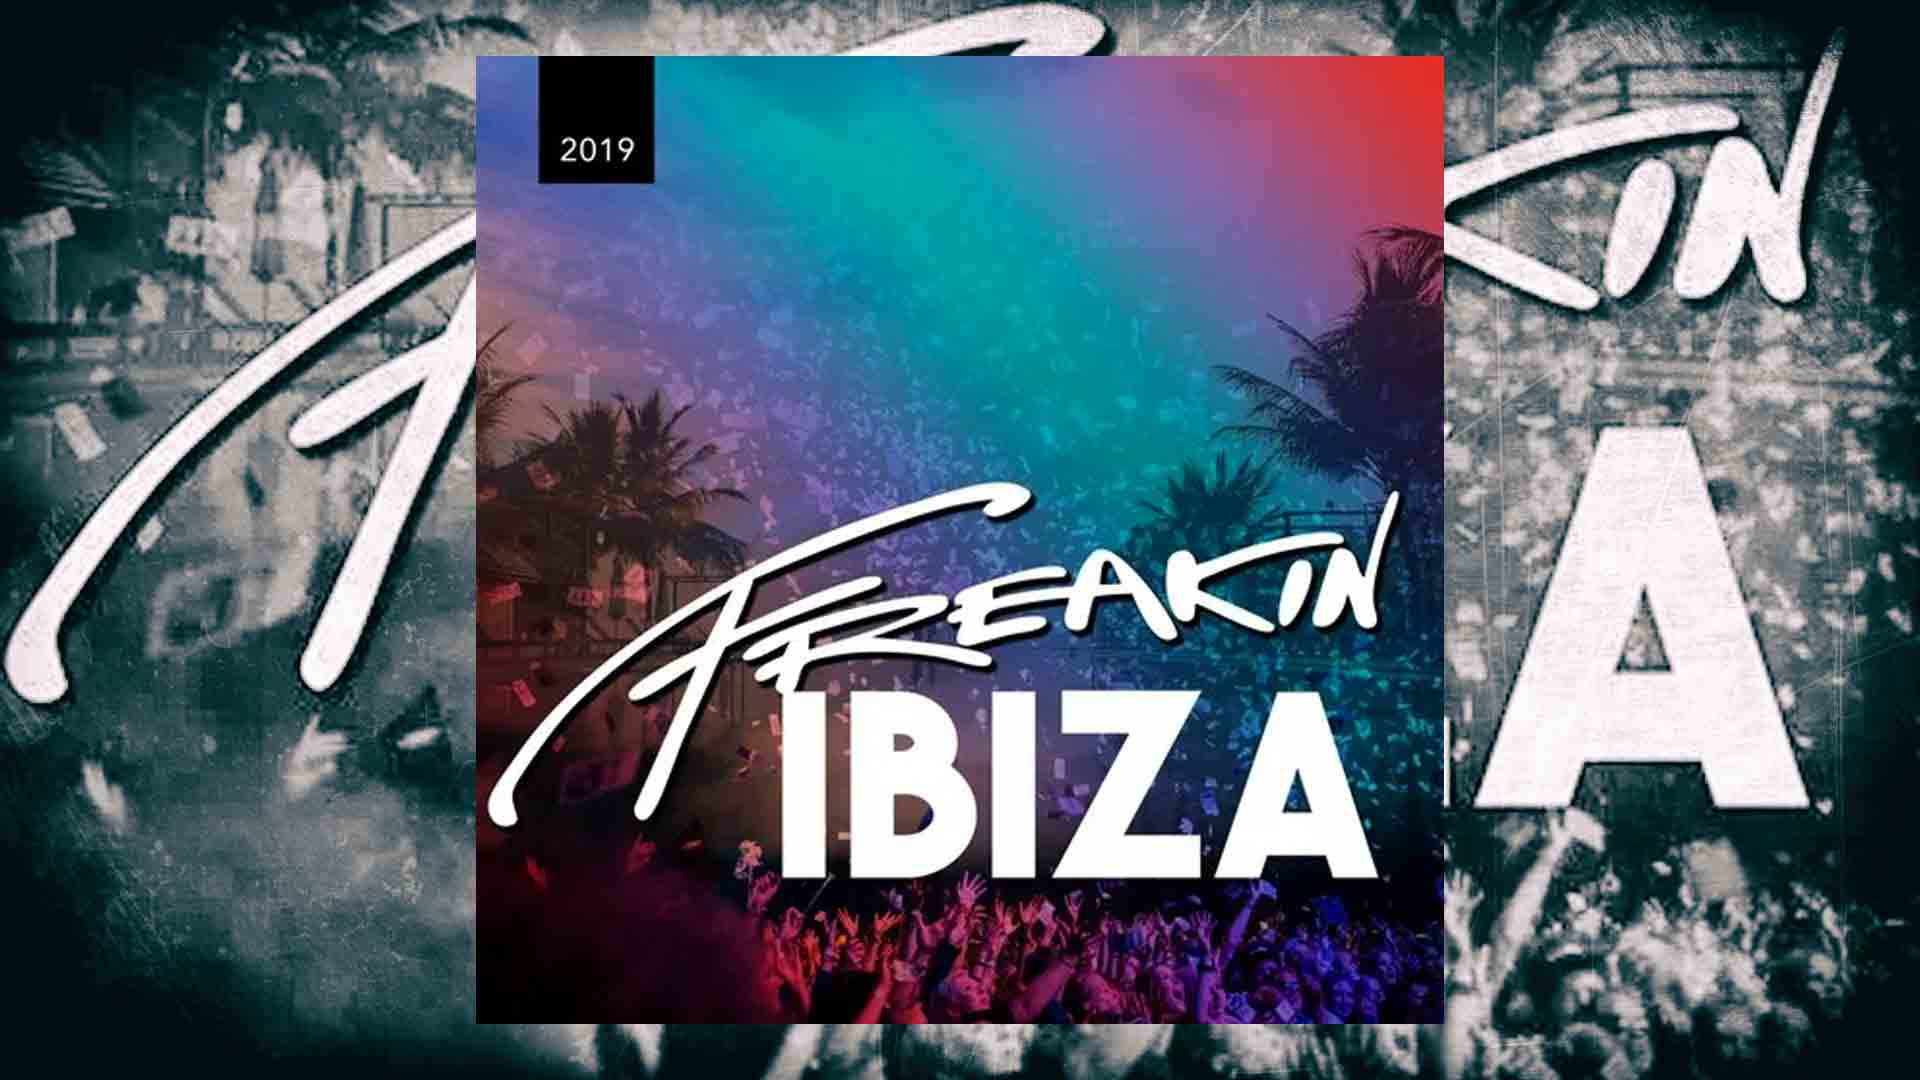 Freakin Ibiza 2019